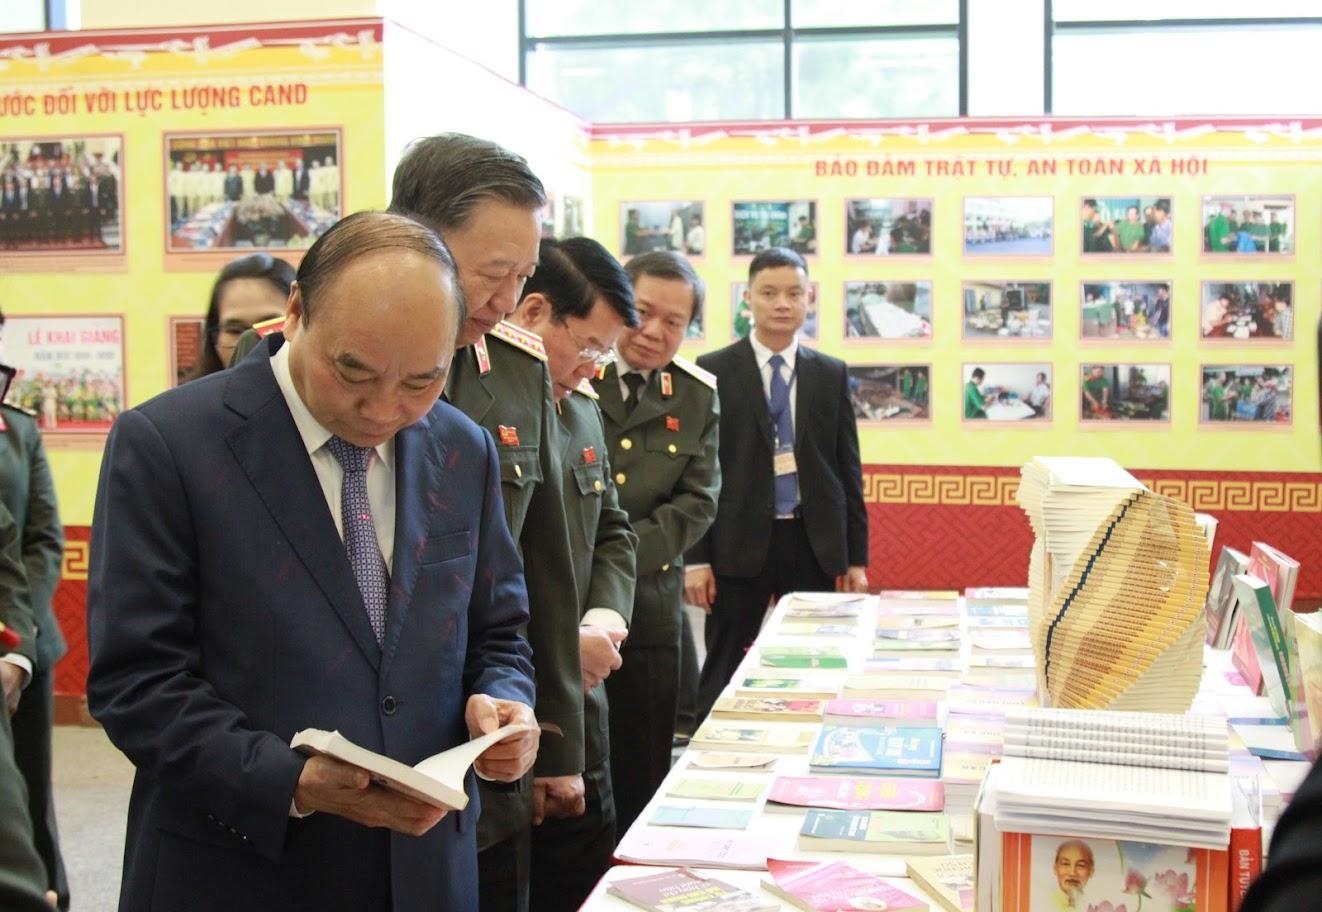 Thủ tướng Nguyễn Xuân Phúc thăm gian trưng bày tại hội nghị